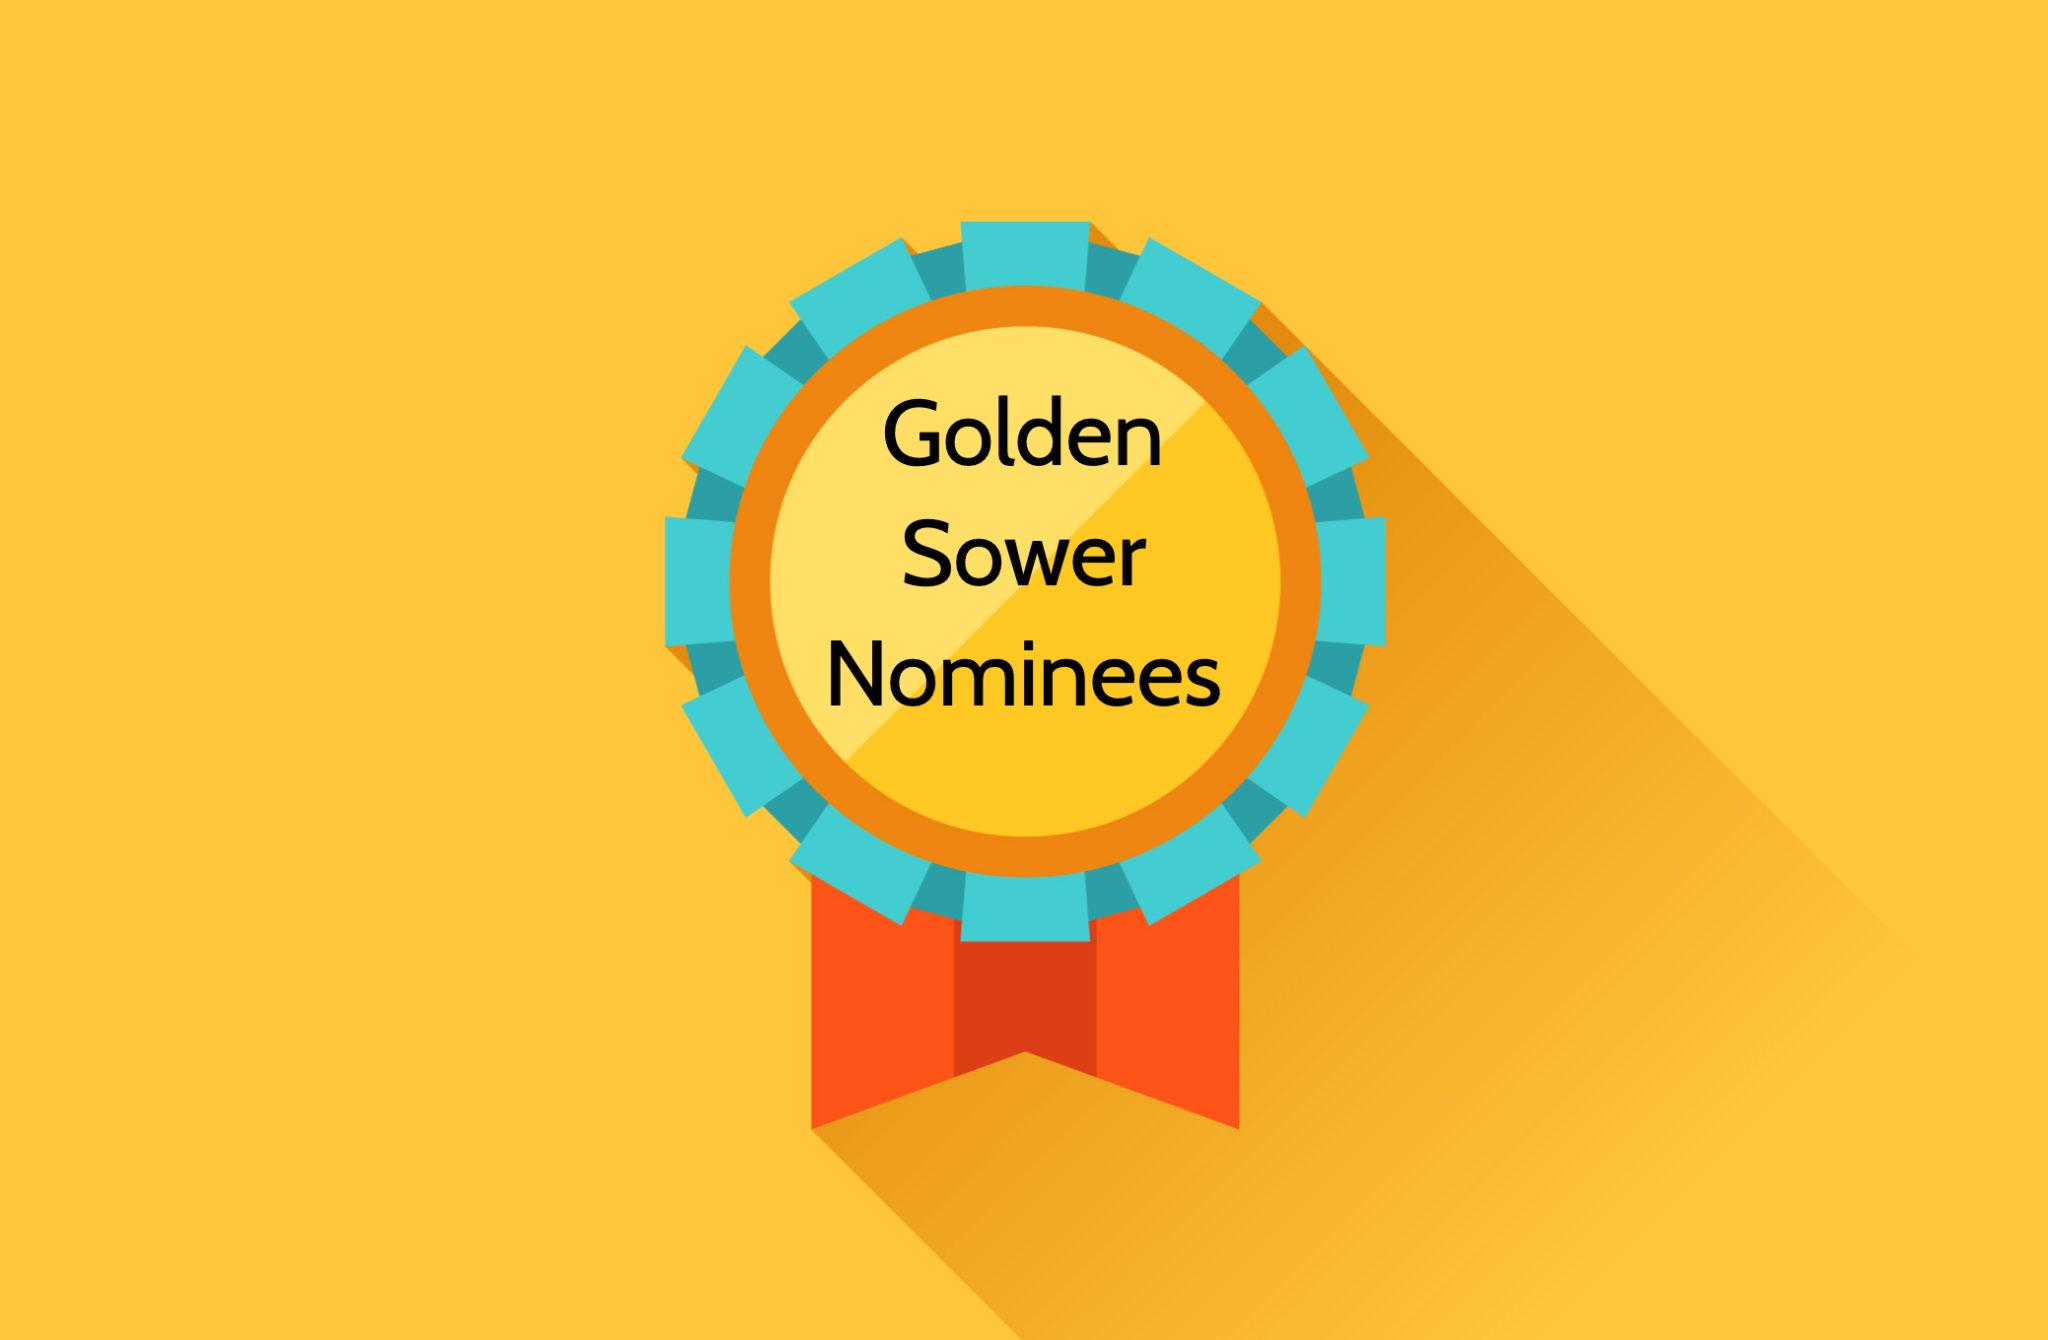 Golden Sower Nominees